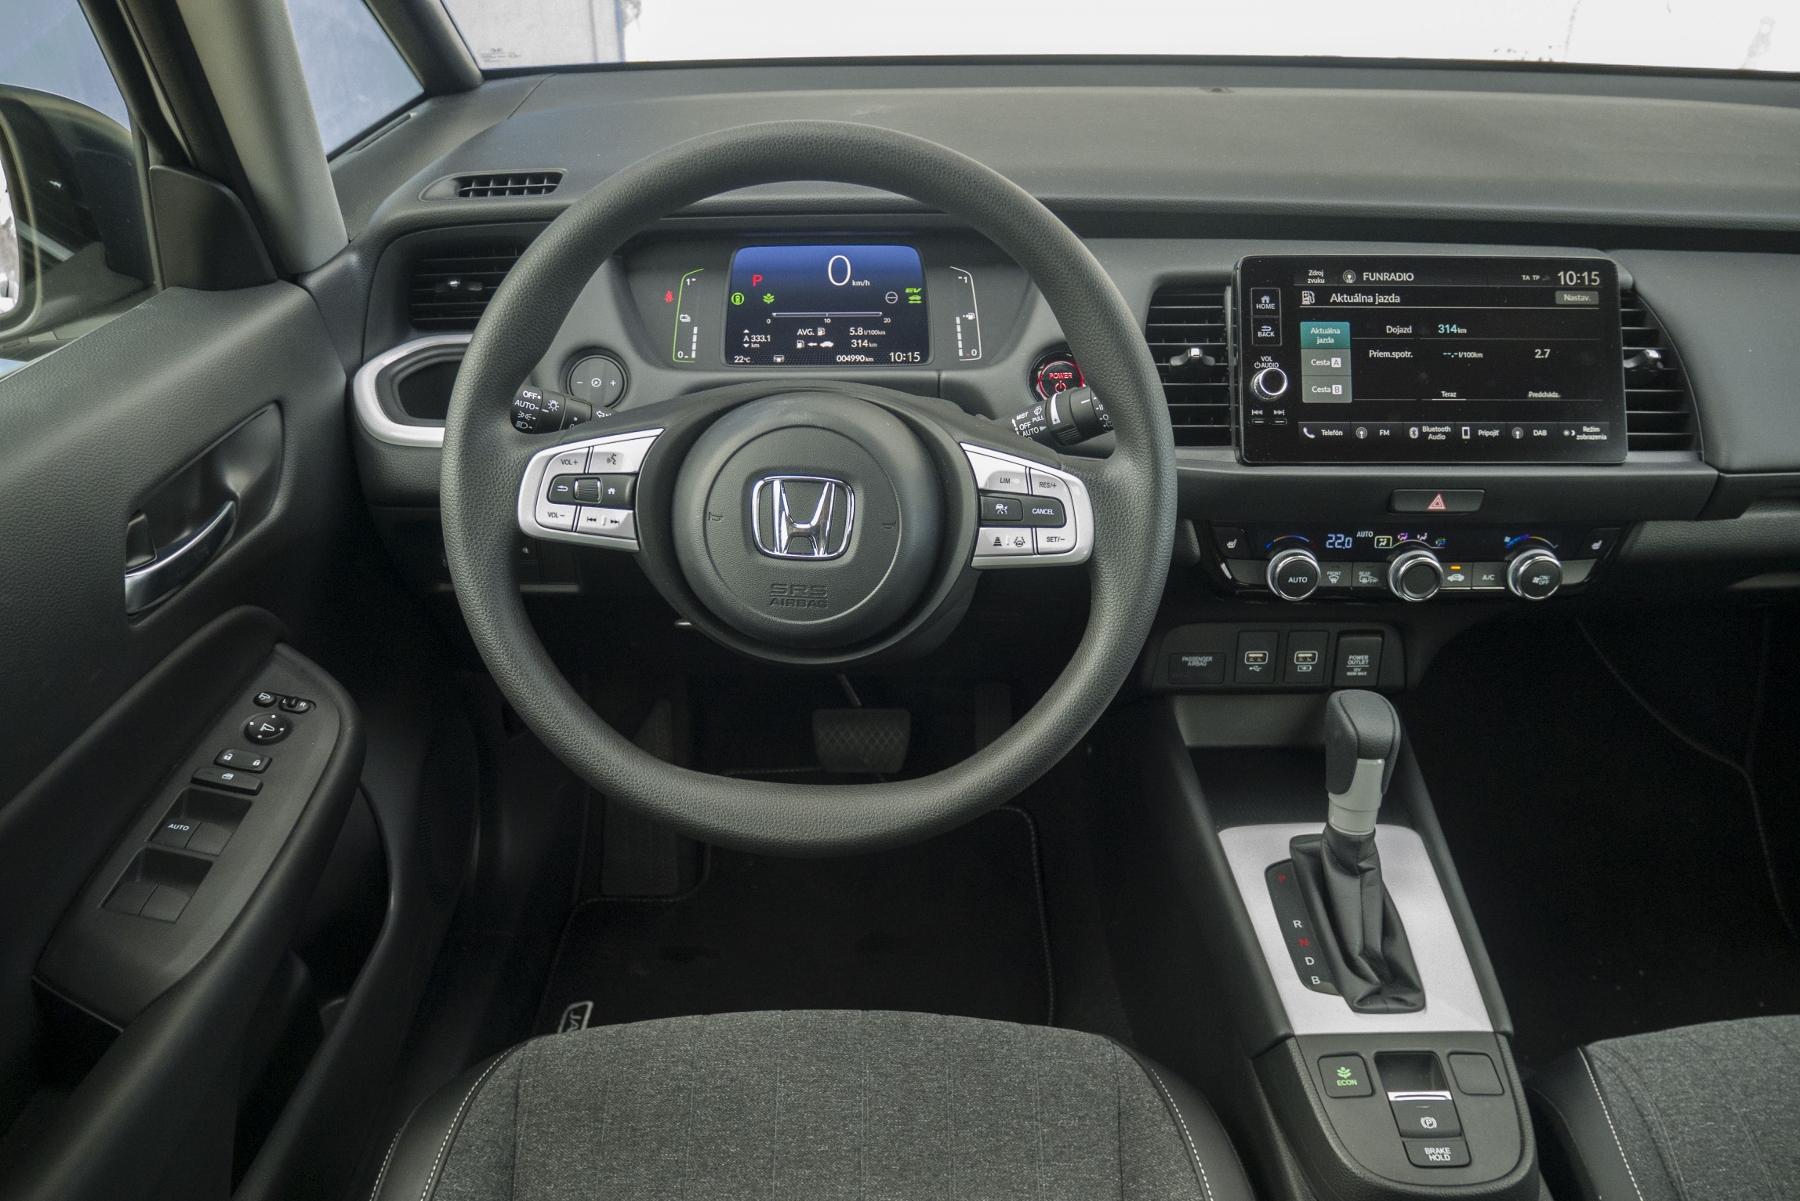 Test: Honda Jazz je kráľ spotreby a využiteľnosti priestoru 6j9iDCc5IW honda-jazz-28